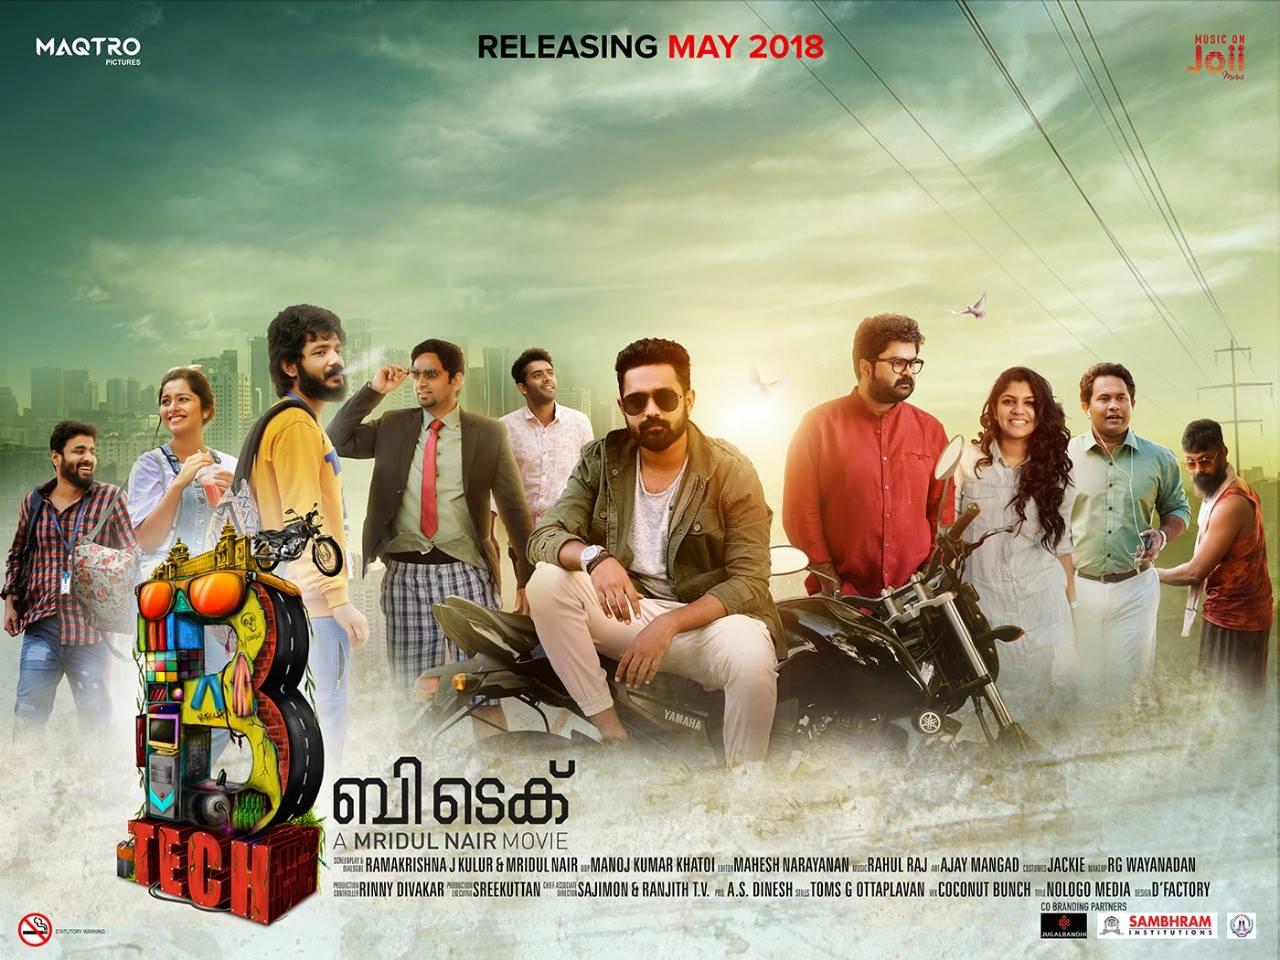 BTech (2018) Malayalam Movie Review - Veeyen | Veeyen Unplugged